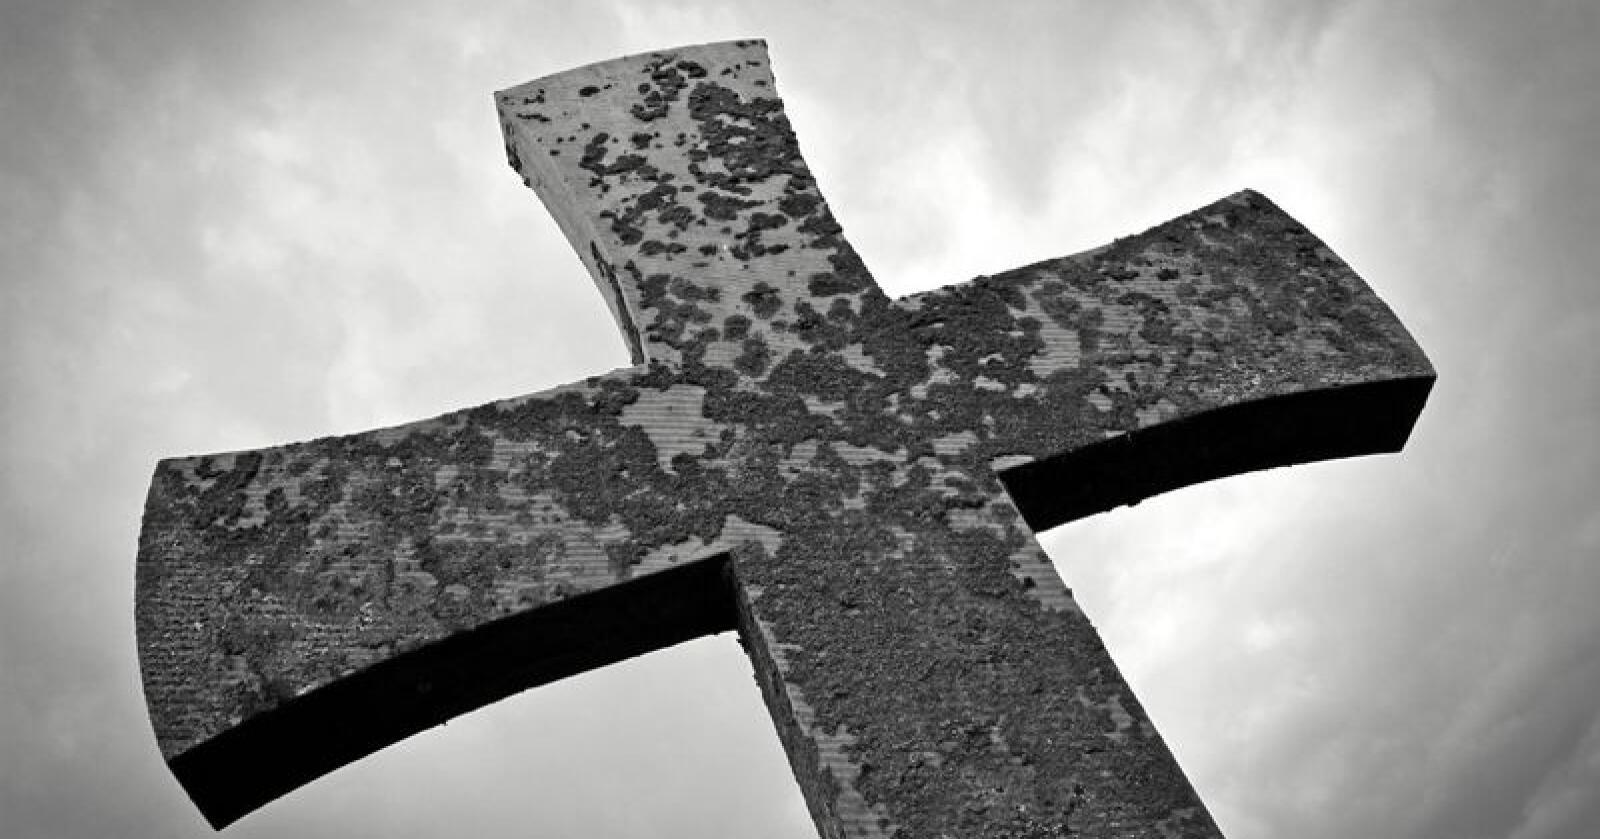 Kritikk mot kristne: Altfor ensidig. Foto: Michael Erhardsson / Mostphotos